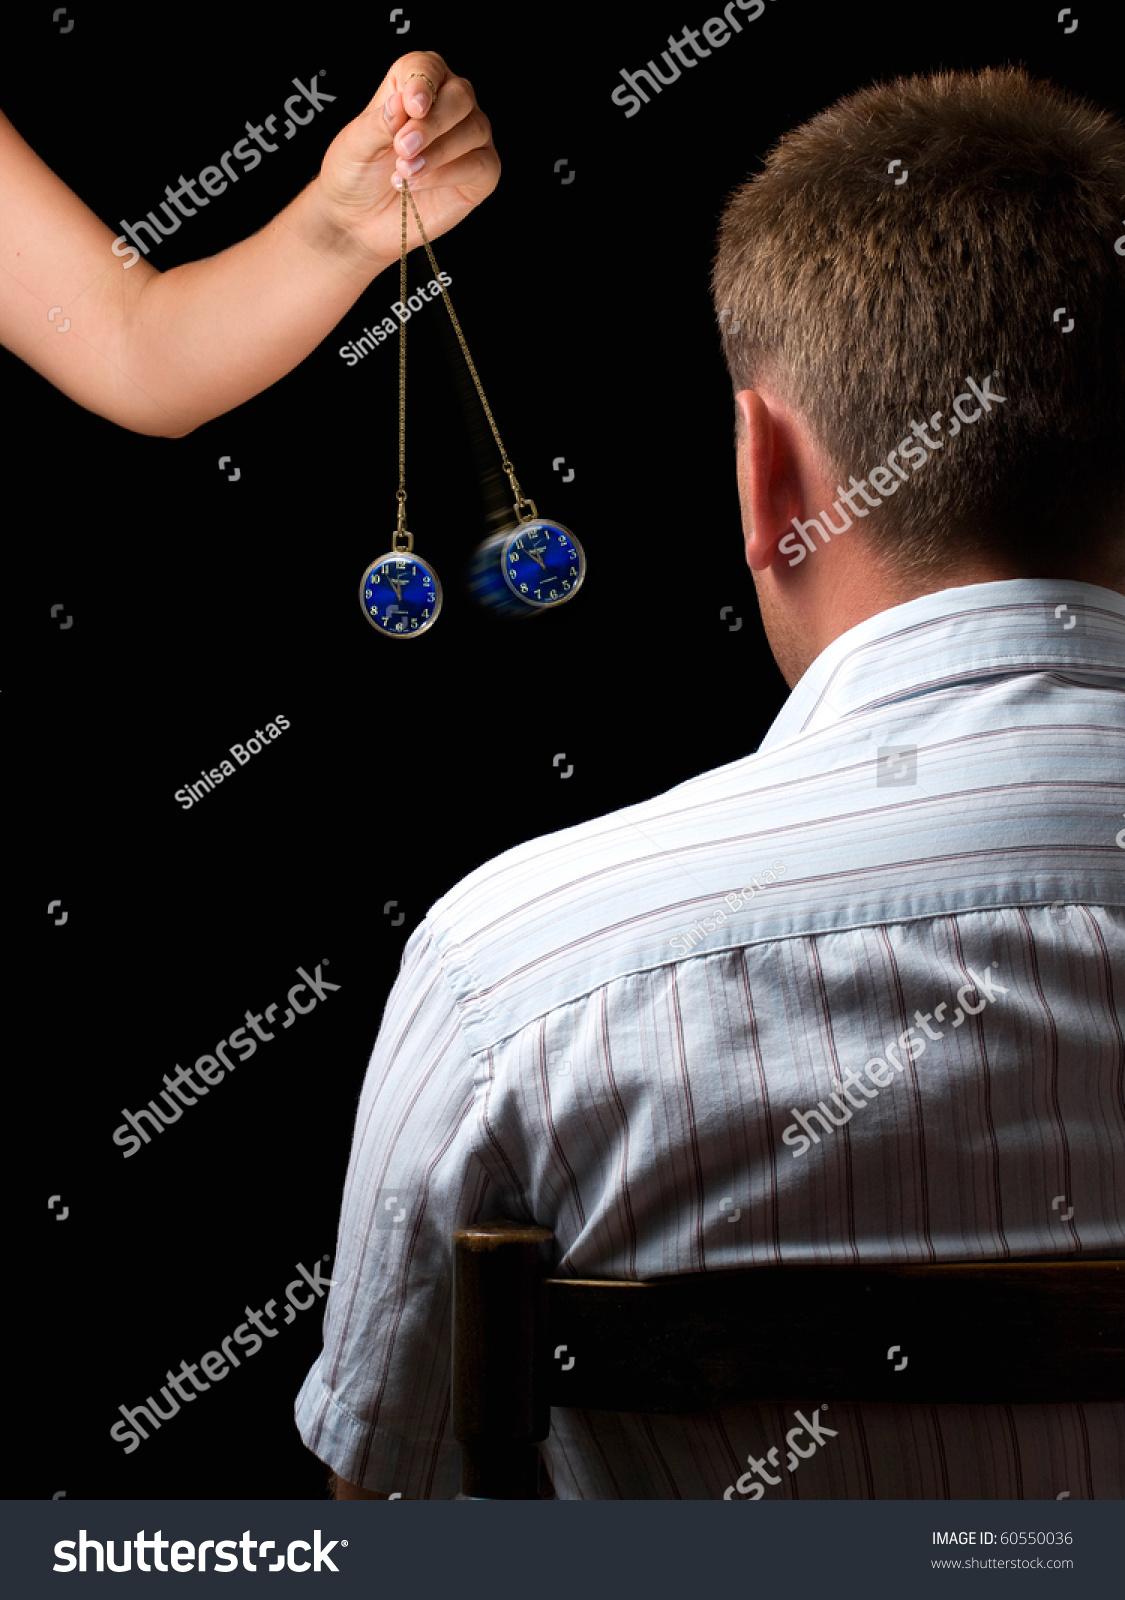 DAT Watch the swinging watch Video